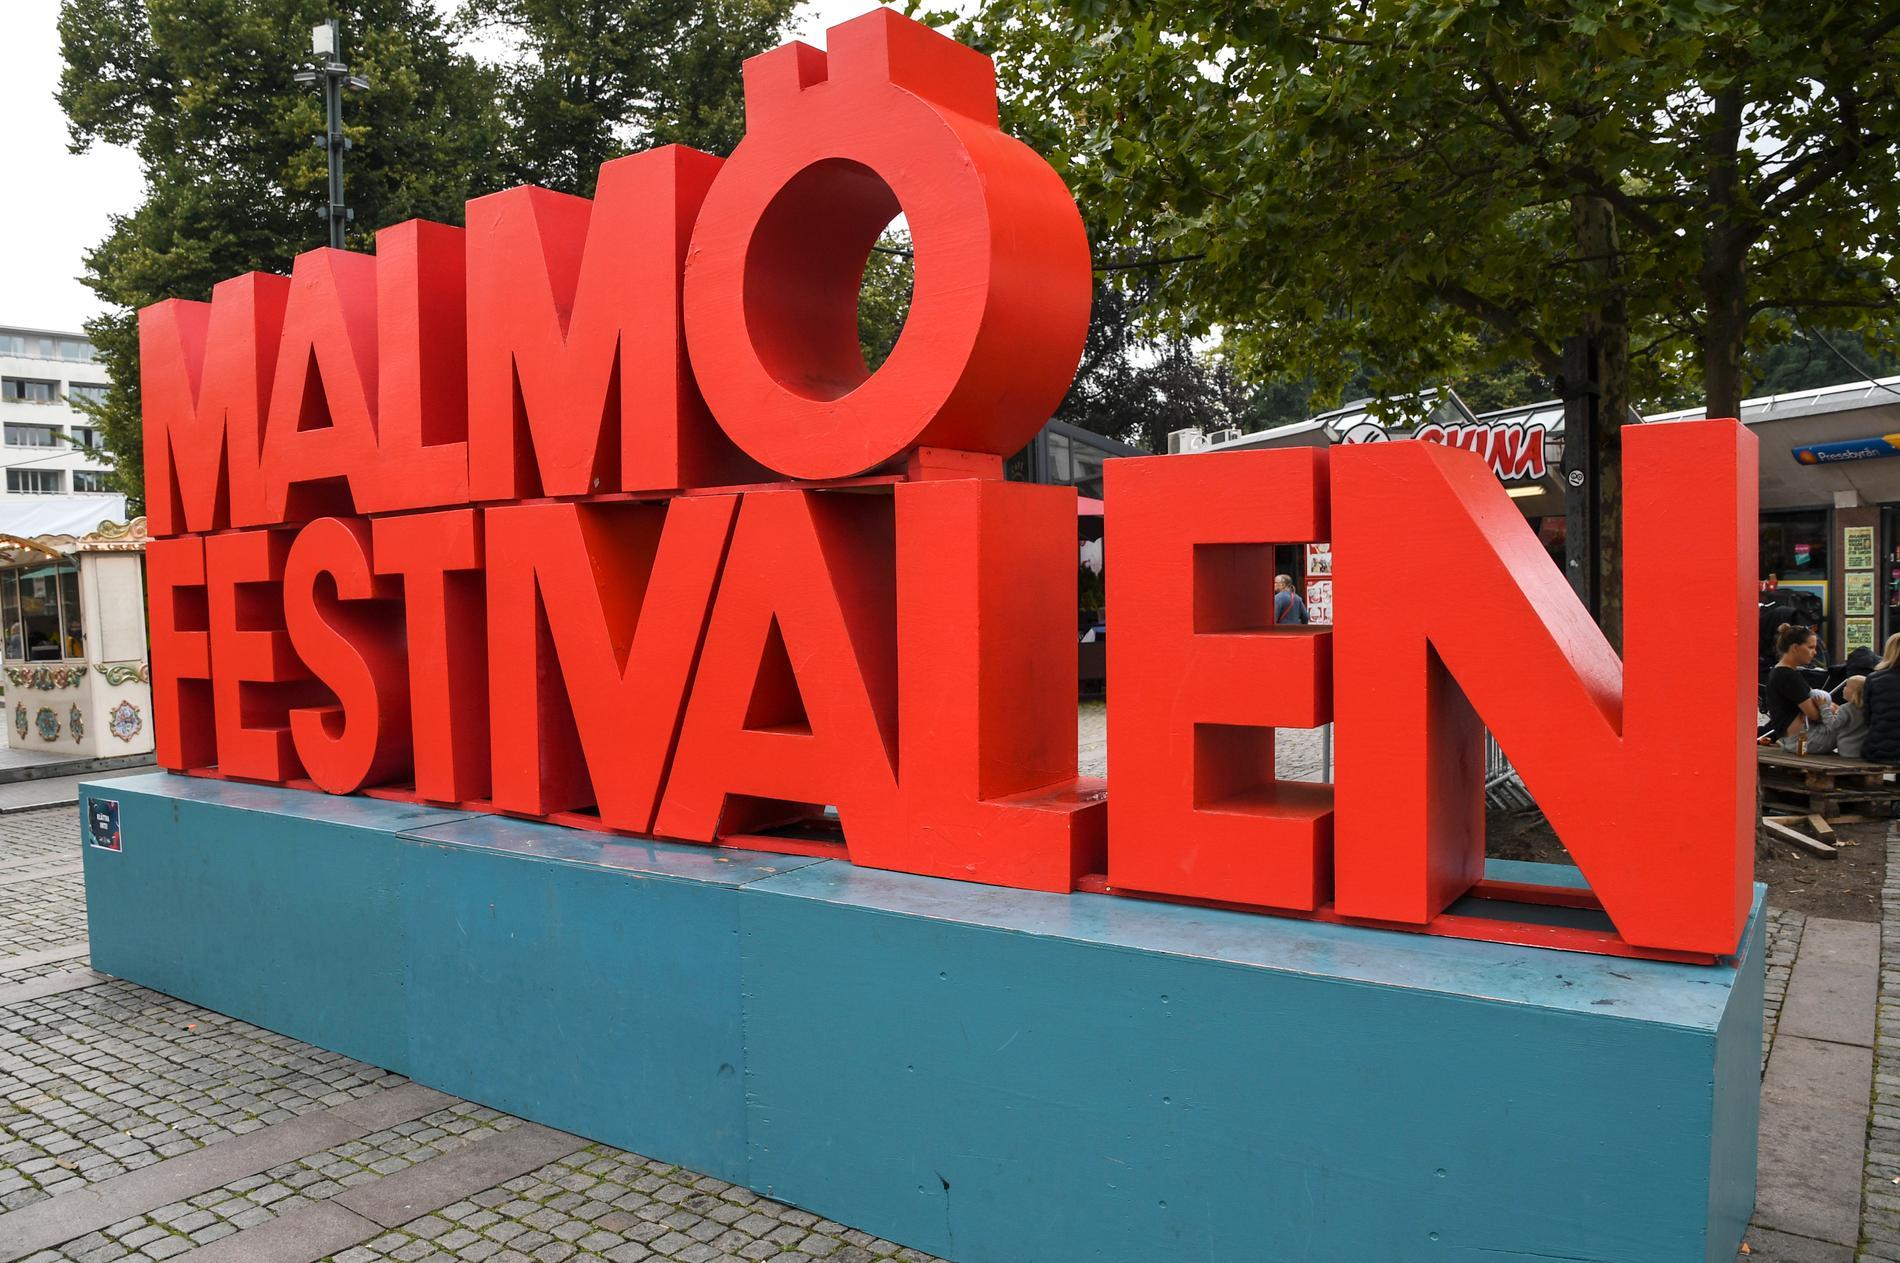 Kommunen har beslutat att ställa in årets Malmöfestival.